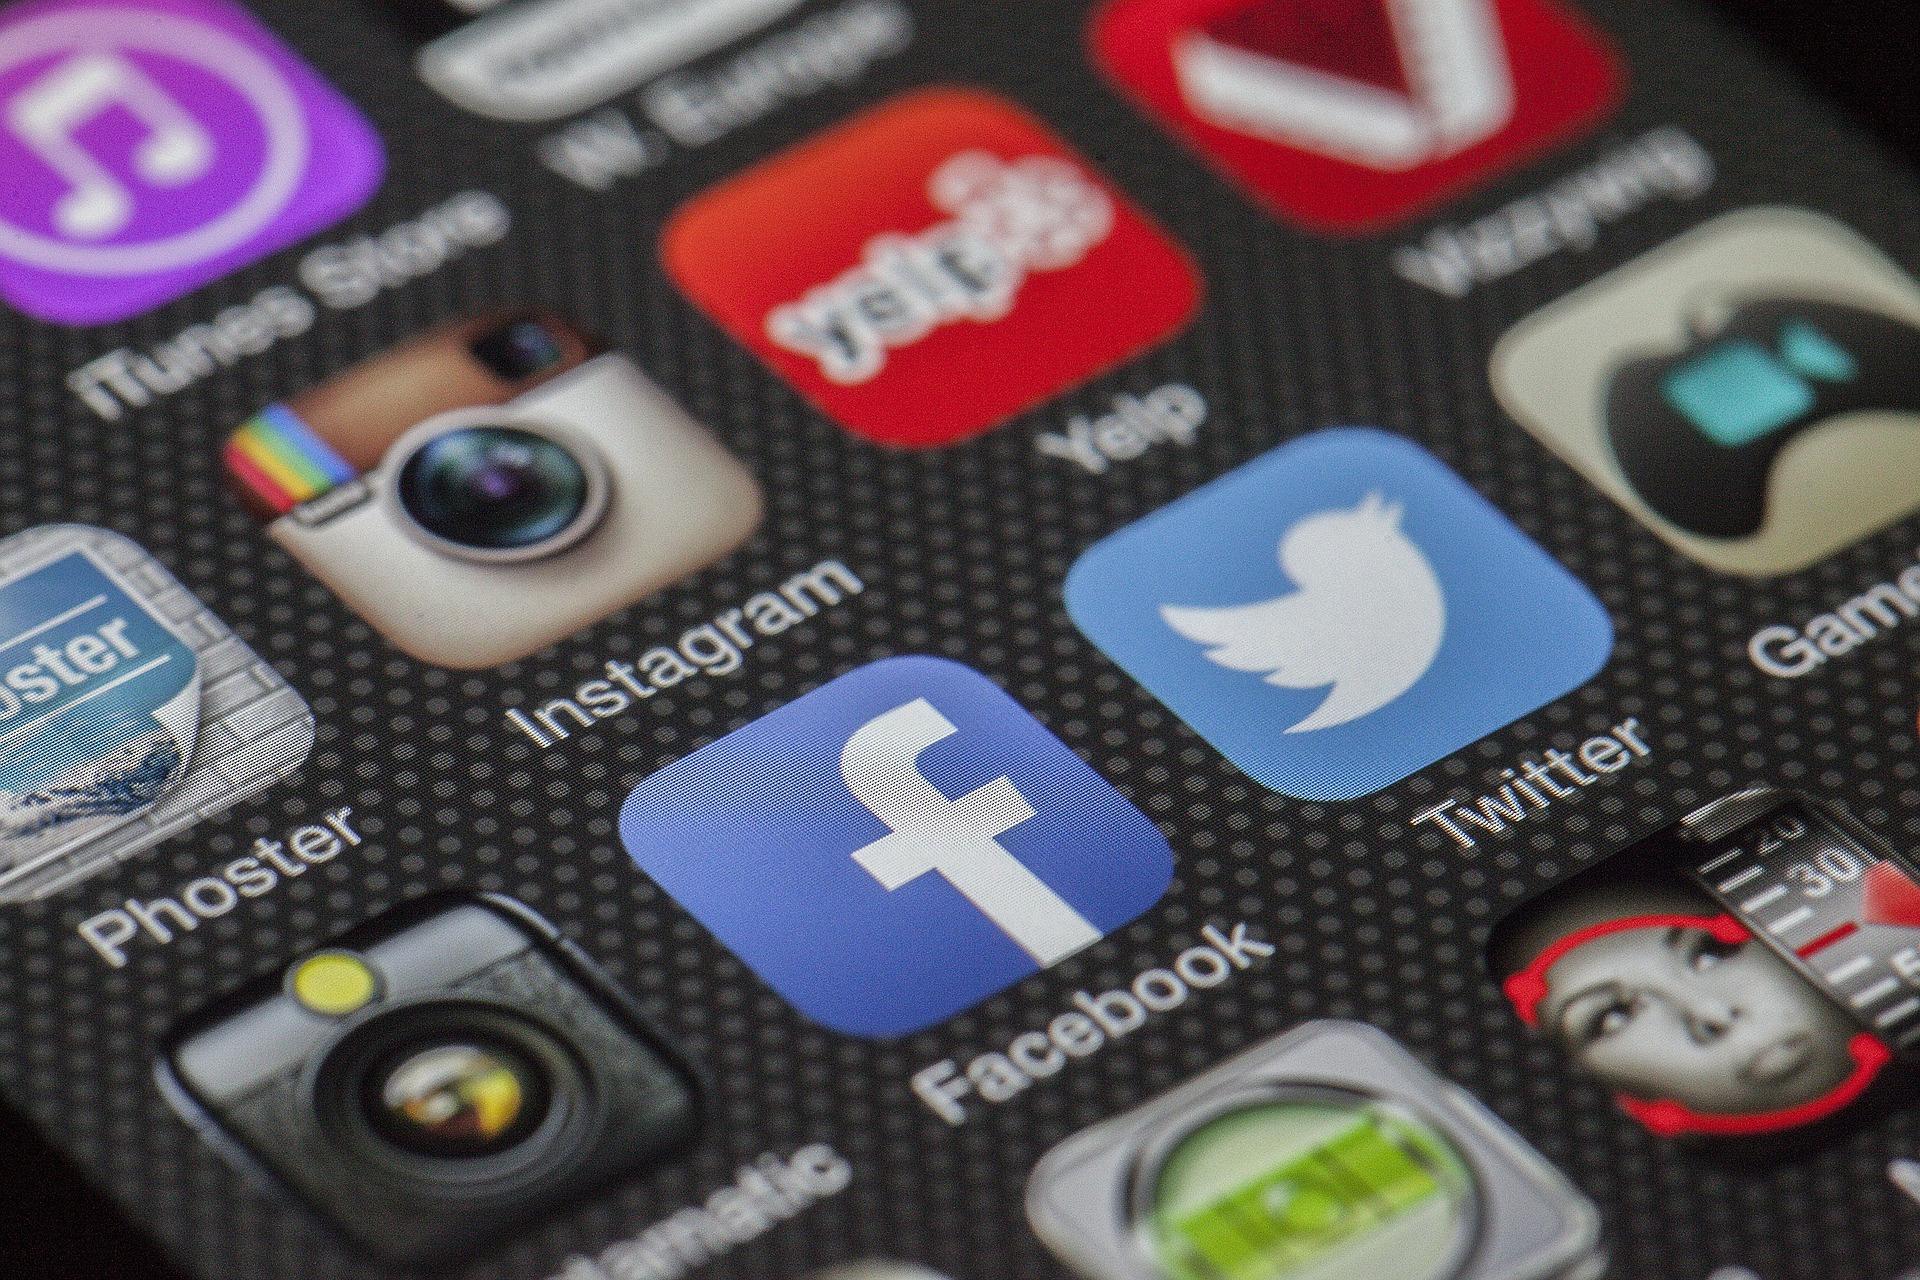 Da li nam društvene mreže otežavaju studiranje?